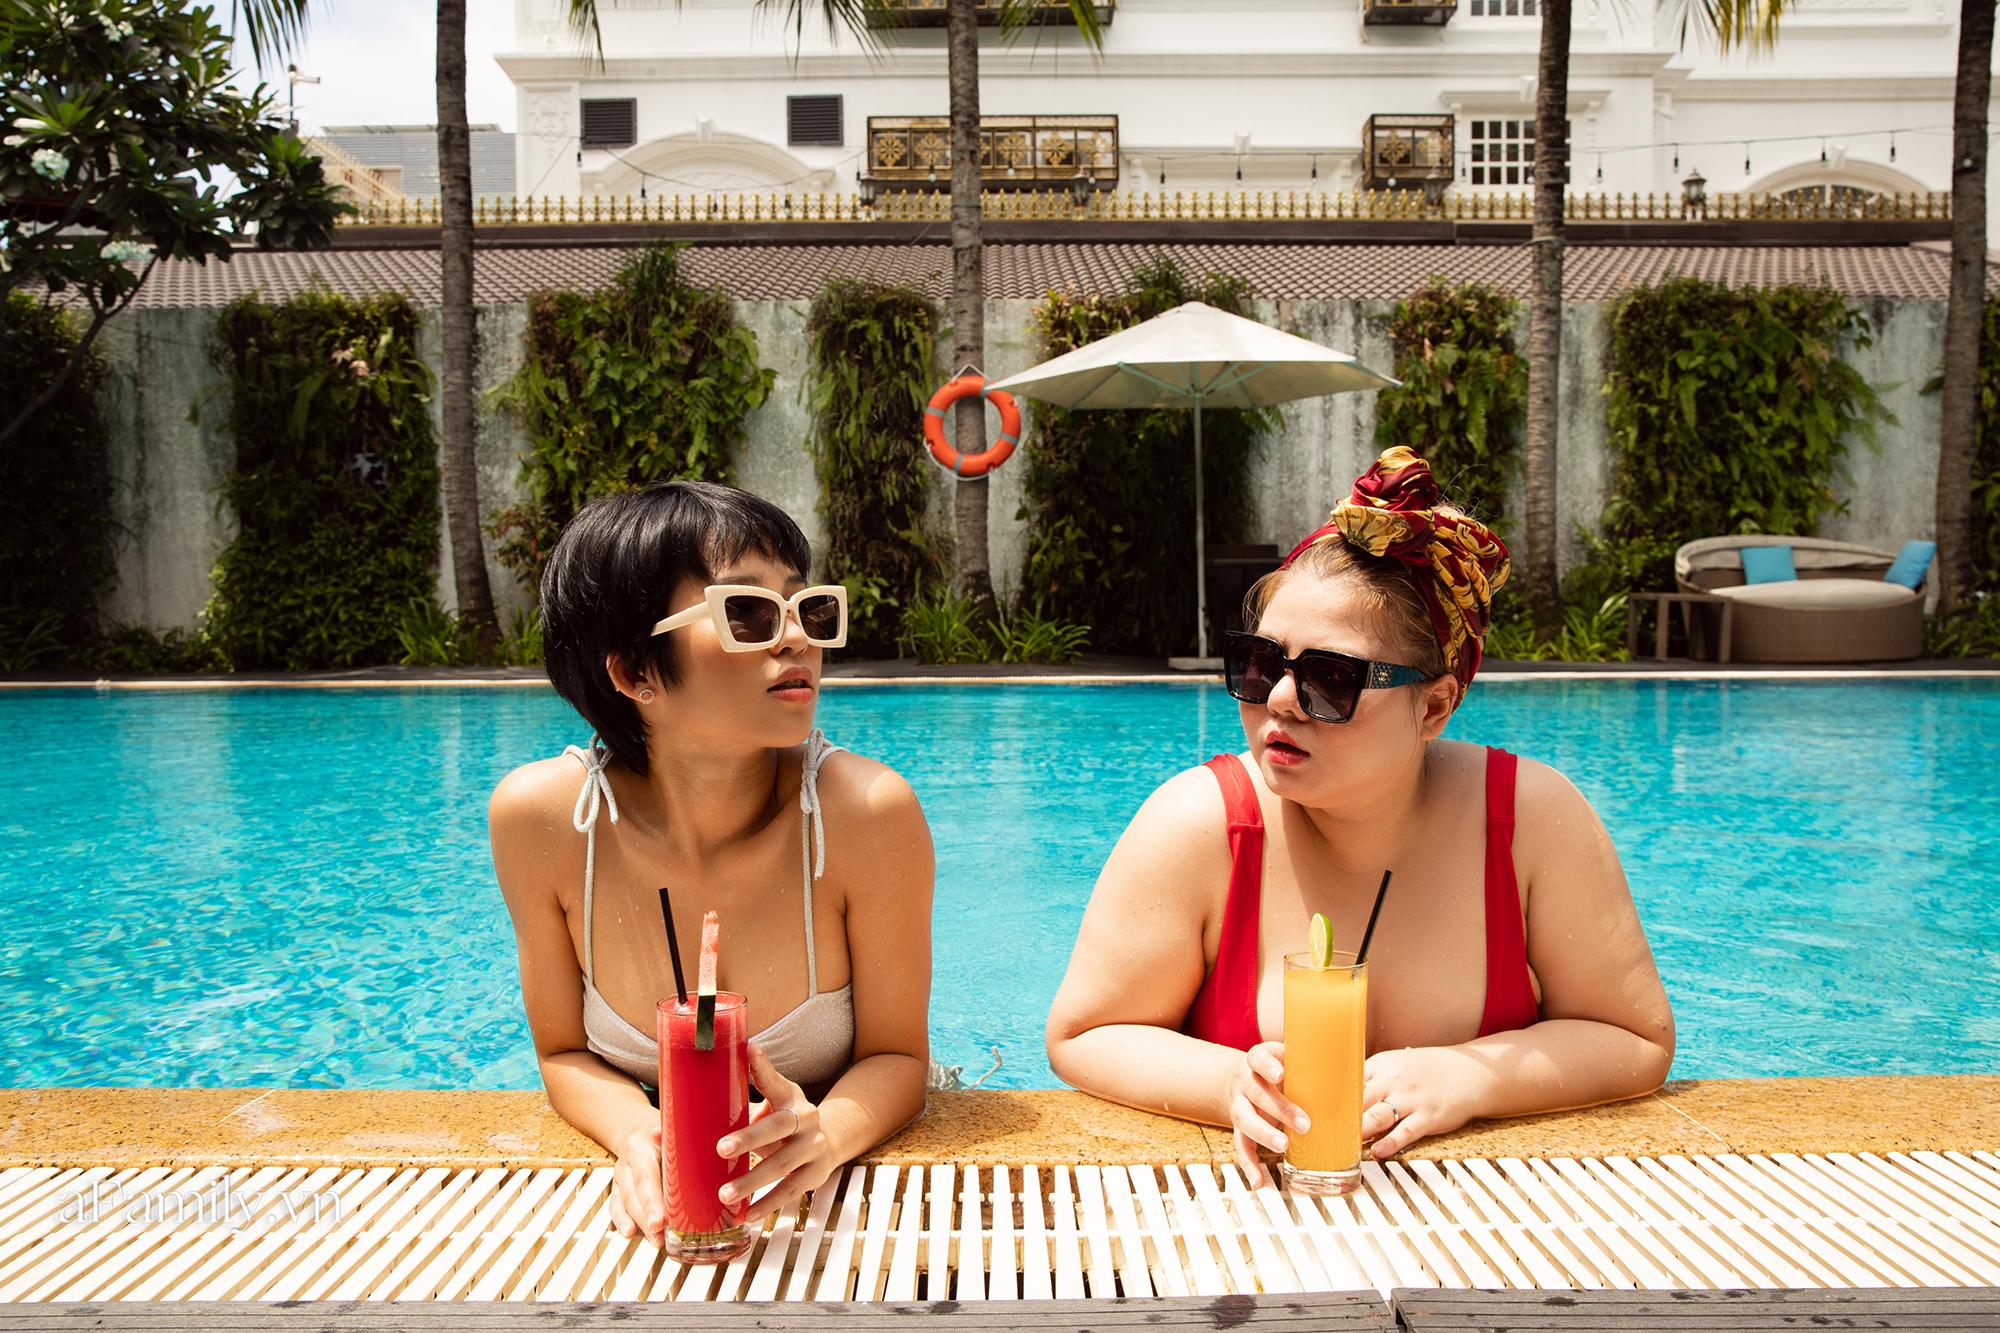 Nhiều người Sài Gòn chọn trải nghiệm kỳ nghỉ 2/9 tại các khách sạn 5 sao vì giá quá hời chỉ bằng một nửa so với ngày thường và đây là 3 nơi siêu lý tưởng  - Ảnh 10.